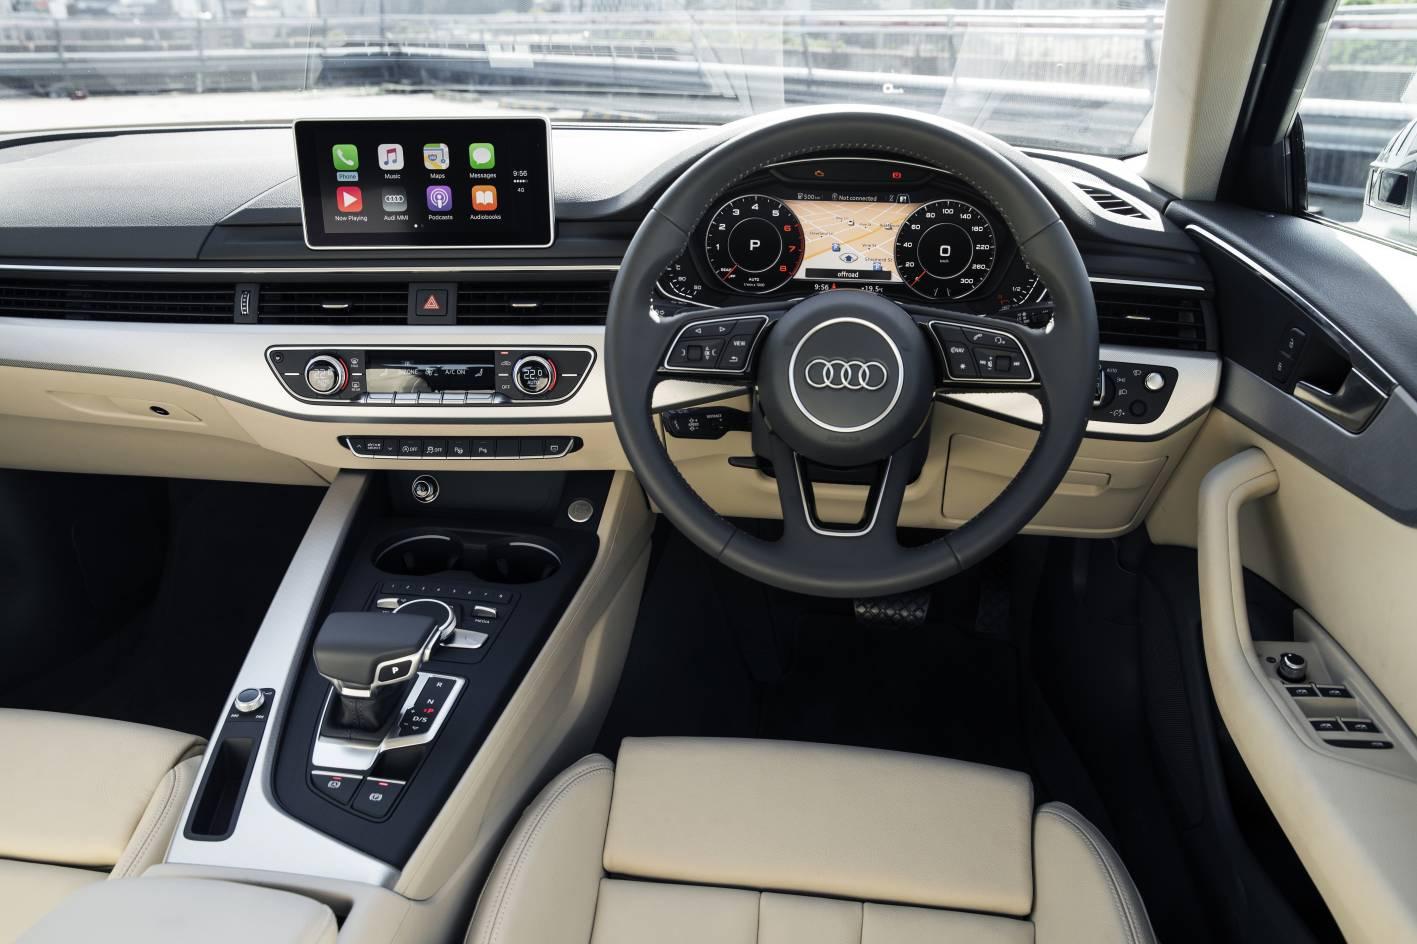 2016 Audi A4 Avant-interior |